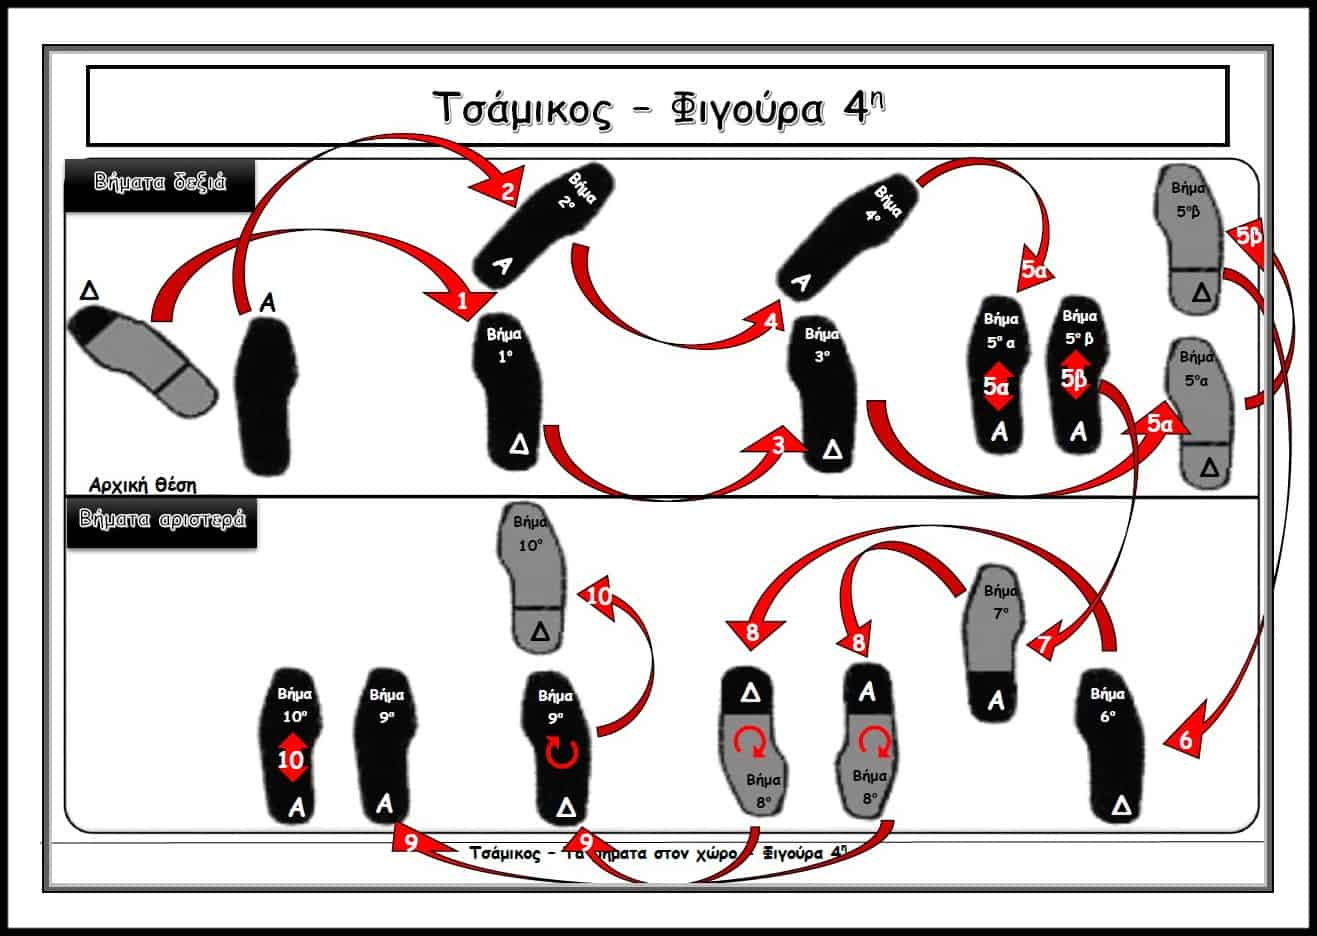 Τσάμικος-Τα-βήματα-στον-χώρο-φιγούρα-6η